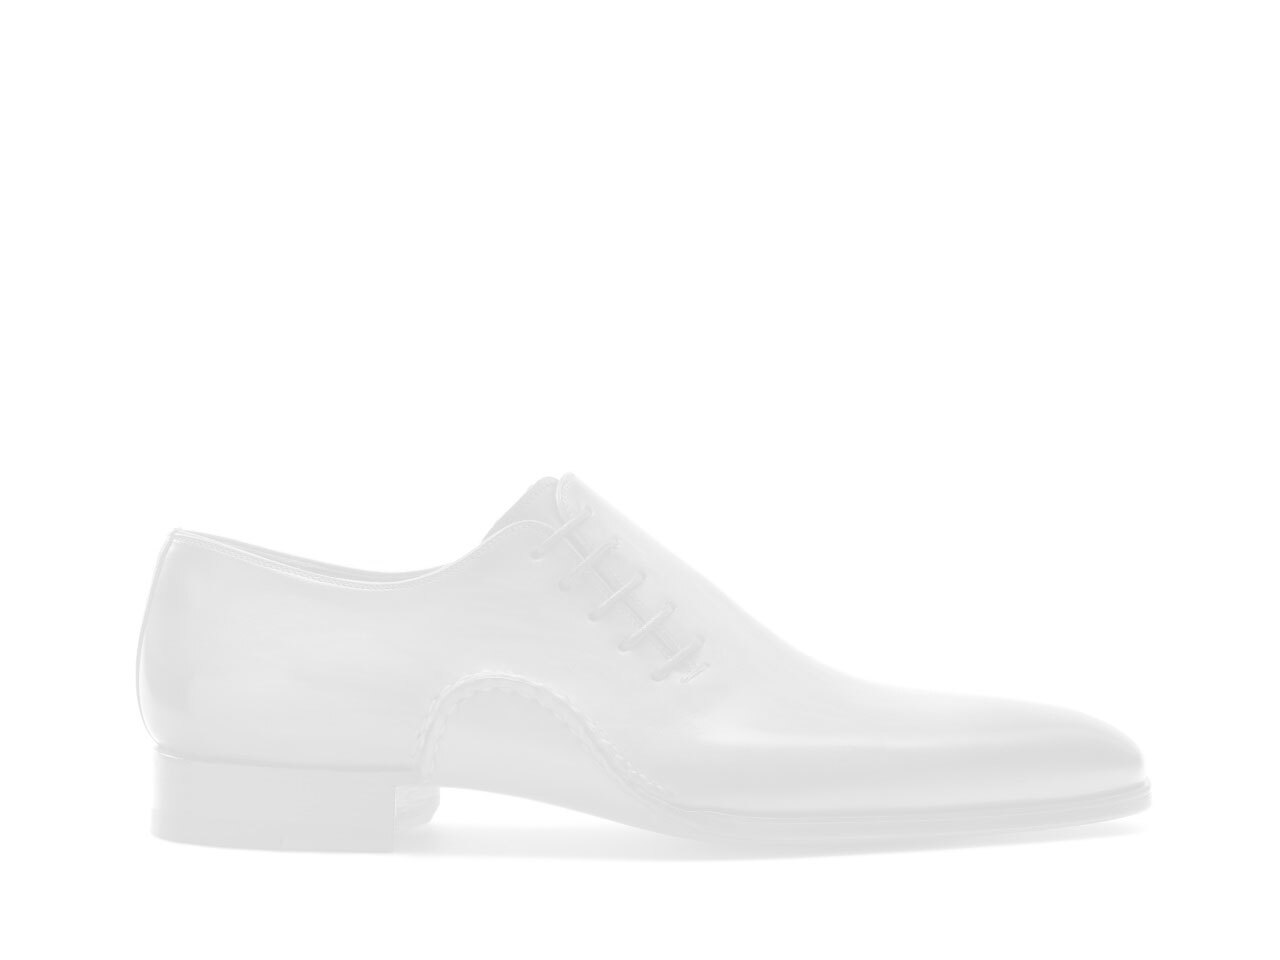 Sole of the Magnanni Turo Lo Black Men's Sneakers